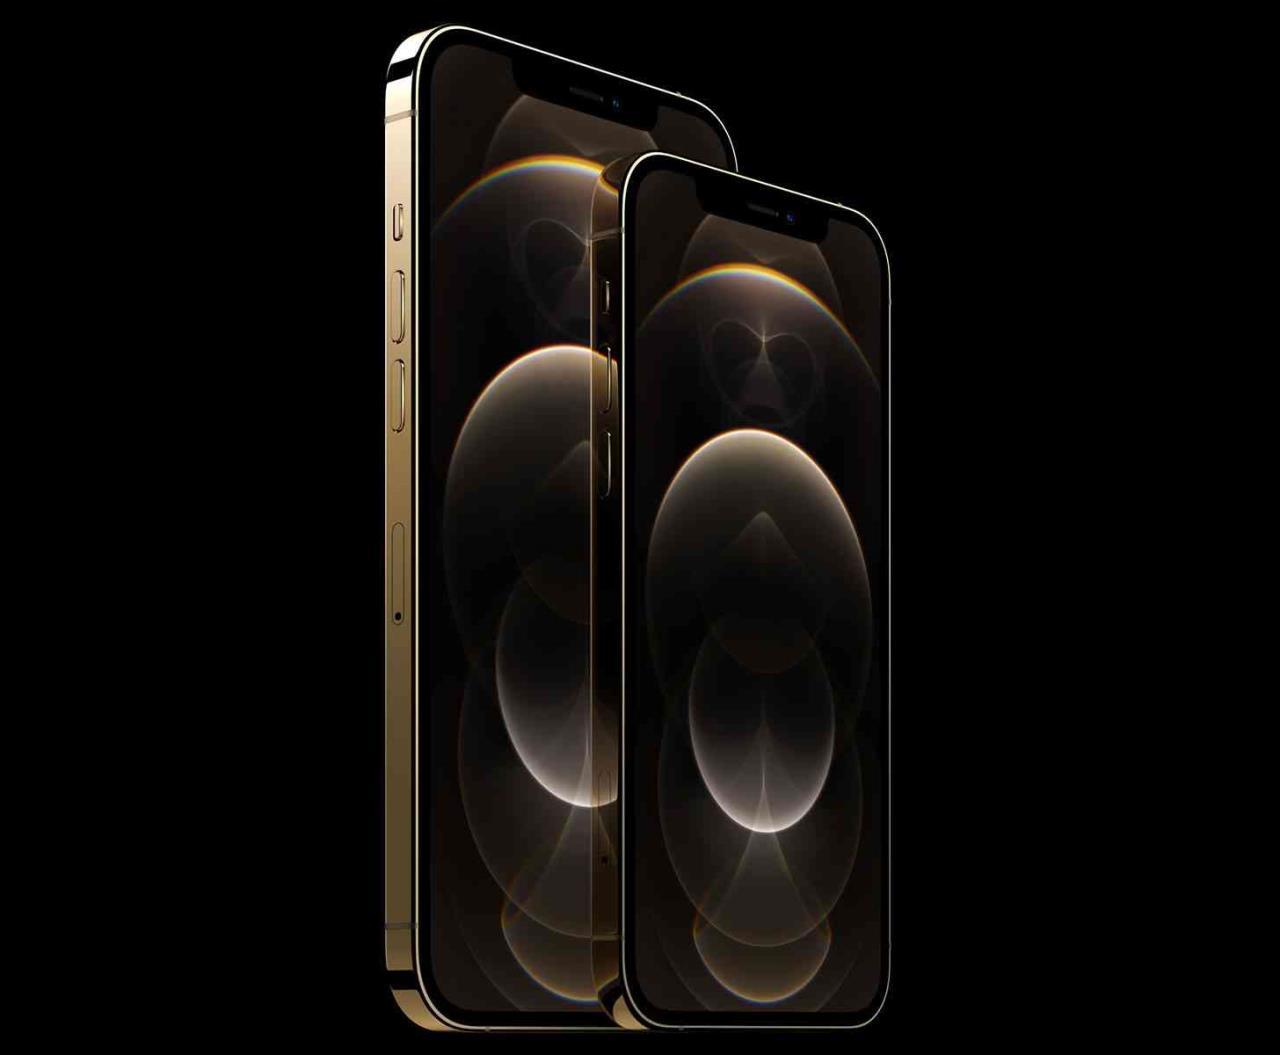 apple iphone 12 pro max frente